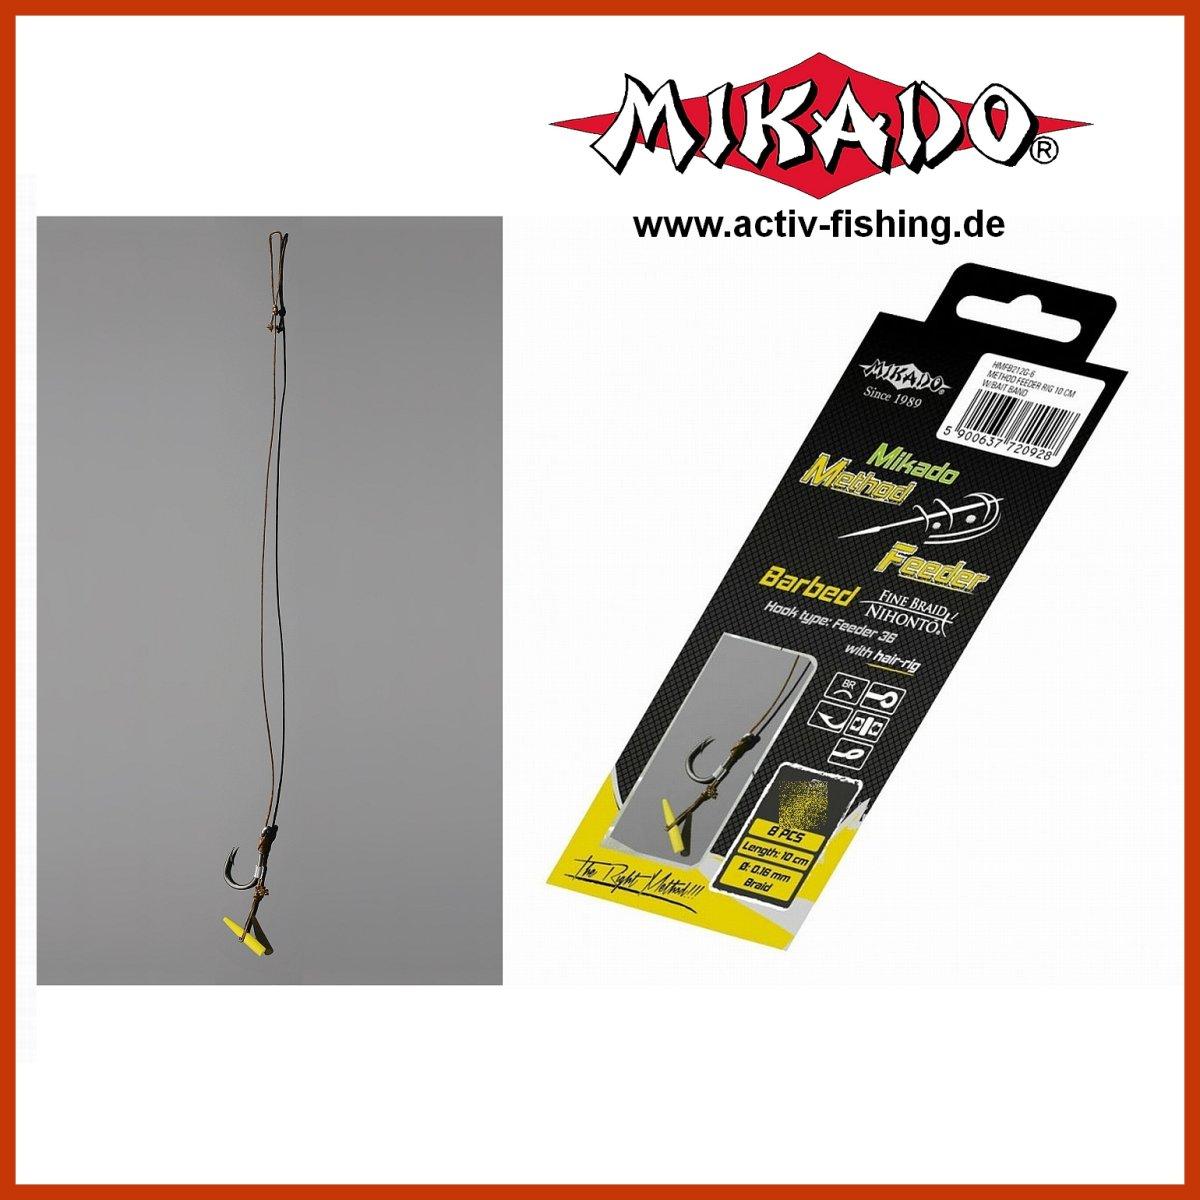 Mikado 8 x METHOD FEEDER 702 Haken Rig `s mit Pellet-//Bait Band und geflochtener Schnur in den Gr/ö/ßen 4 bis 16 erh/ältlich